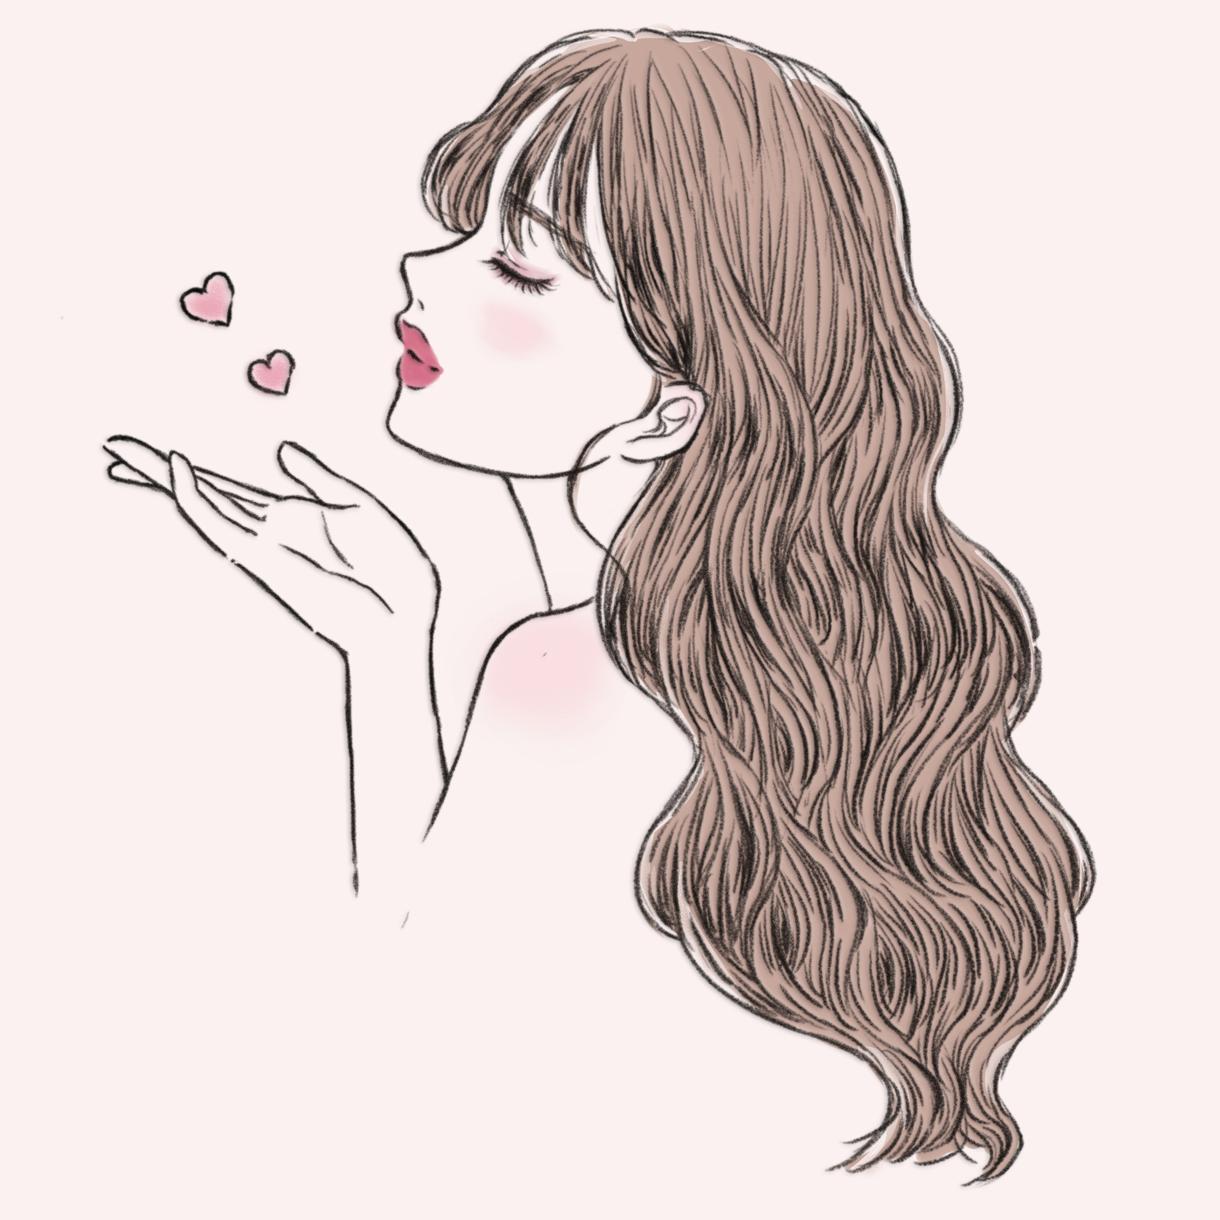 女性らしい絵柄でイラスト描きます 早くて安い!特徴を捉えたイラストで差をつけよう